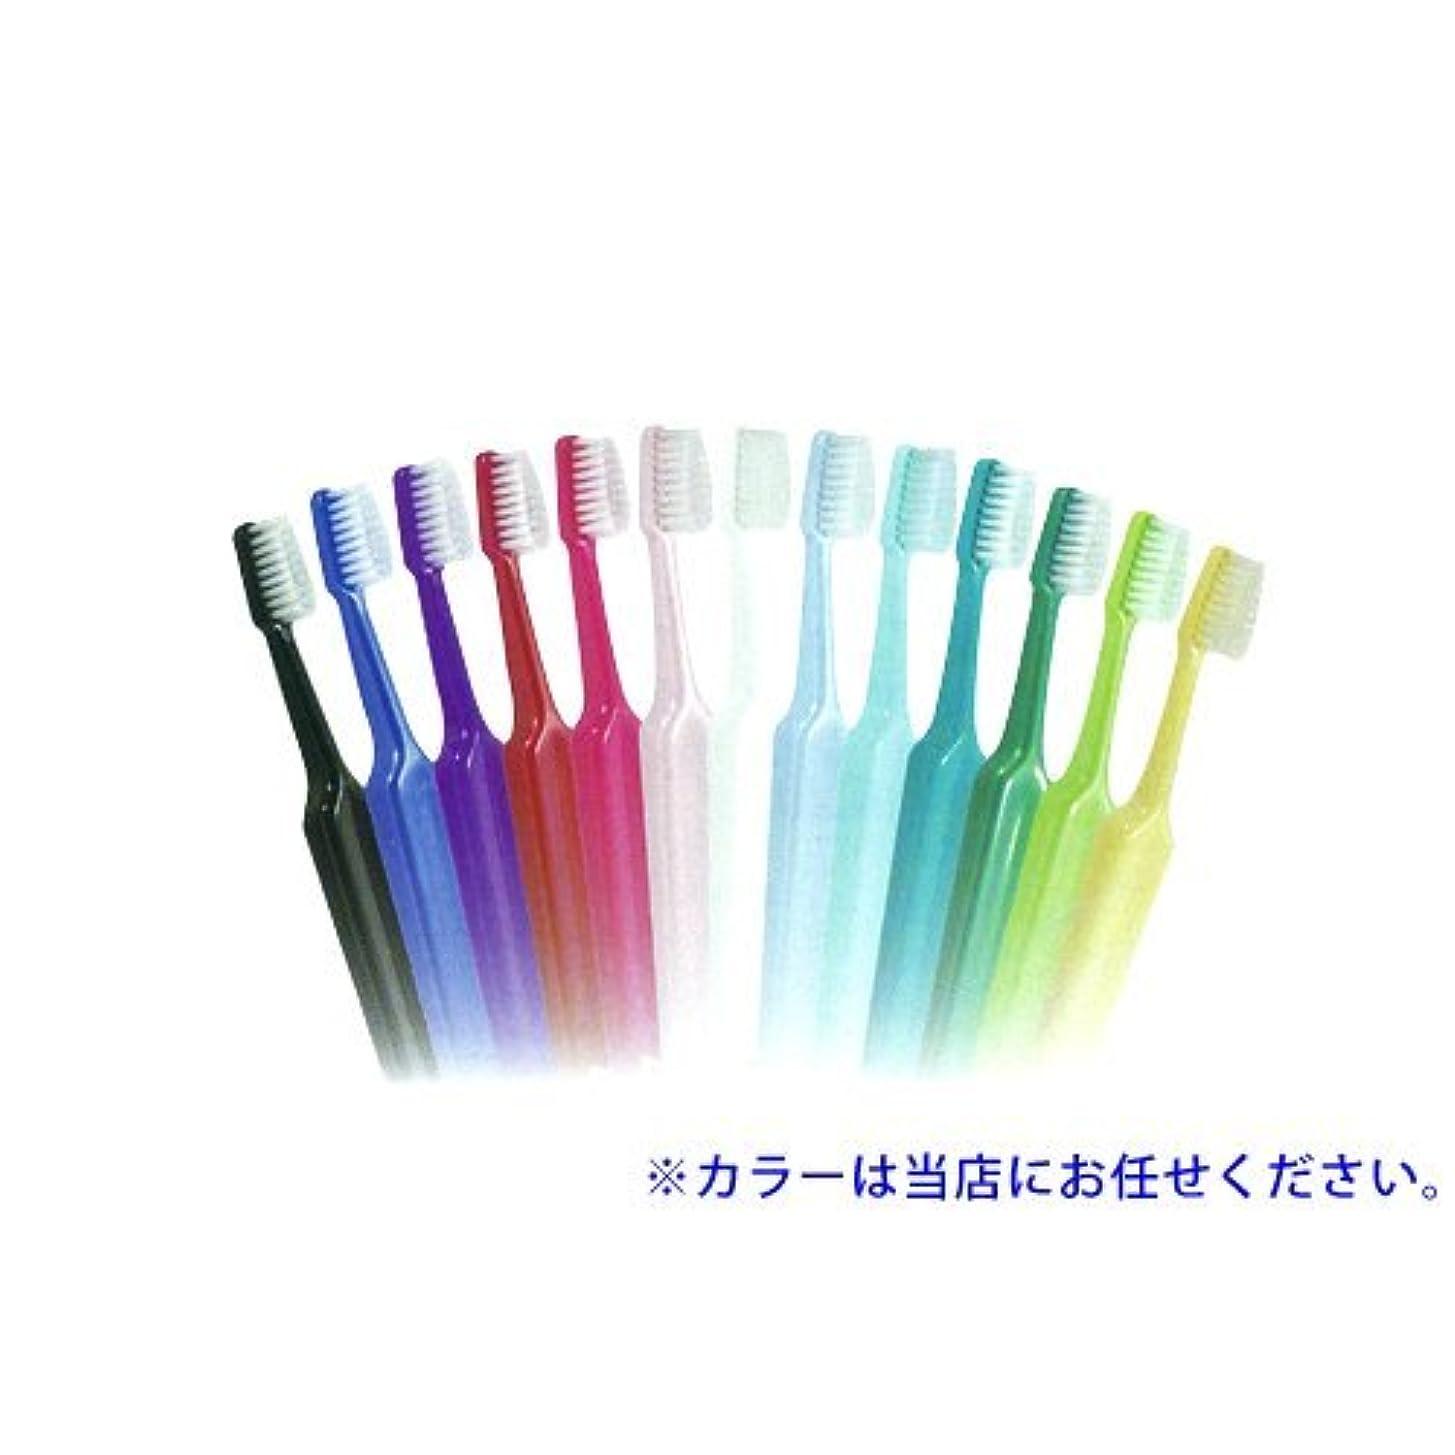 最適運動するダーツクロスフィールド TePe テペ セレクトミニ 歯ブラシ 1本 ソフト